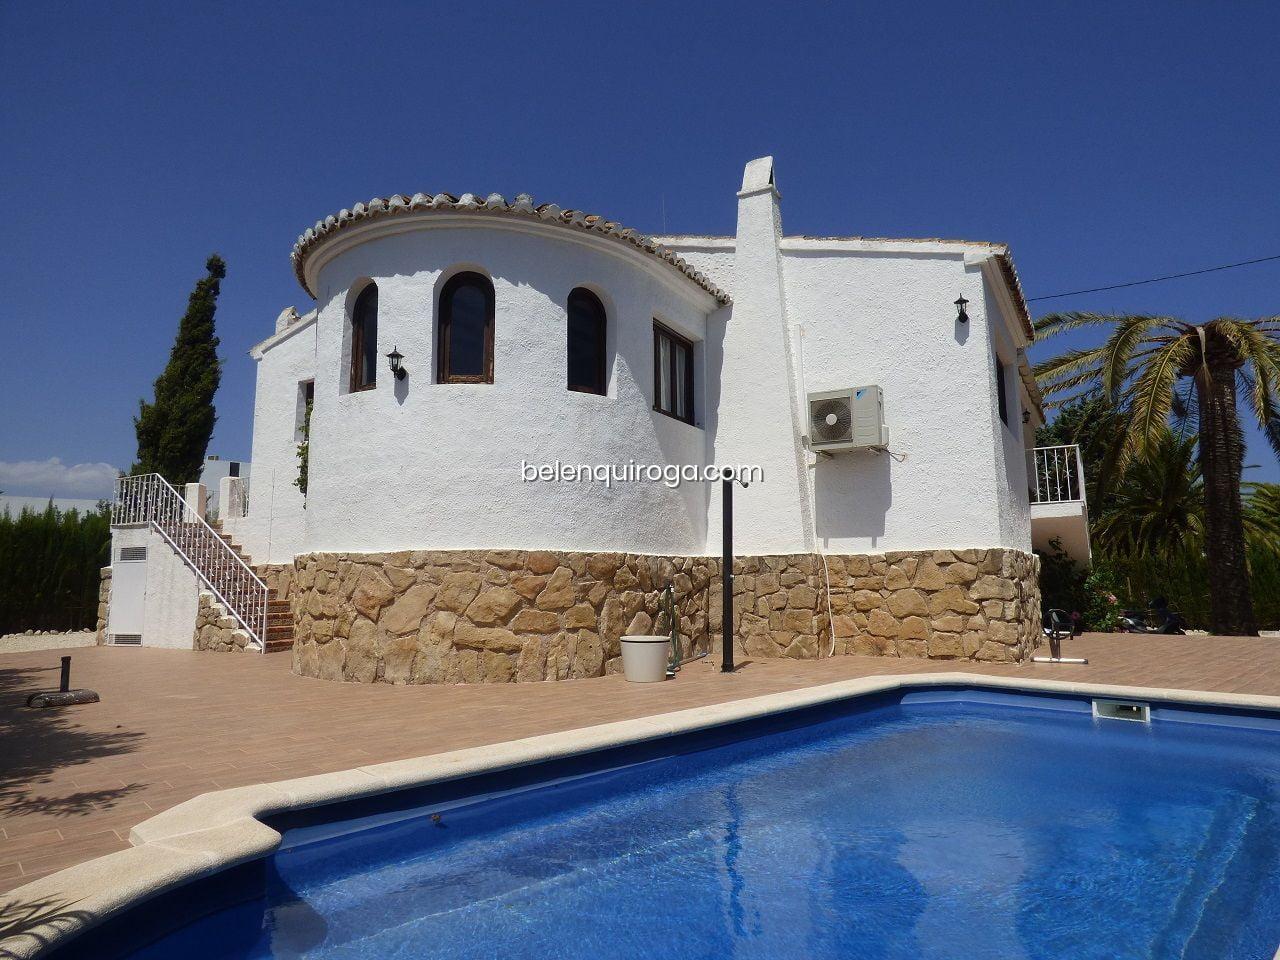 Casa con piscina – Inmobiliaria Belen Quiroga